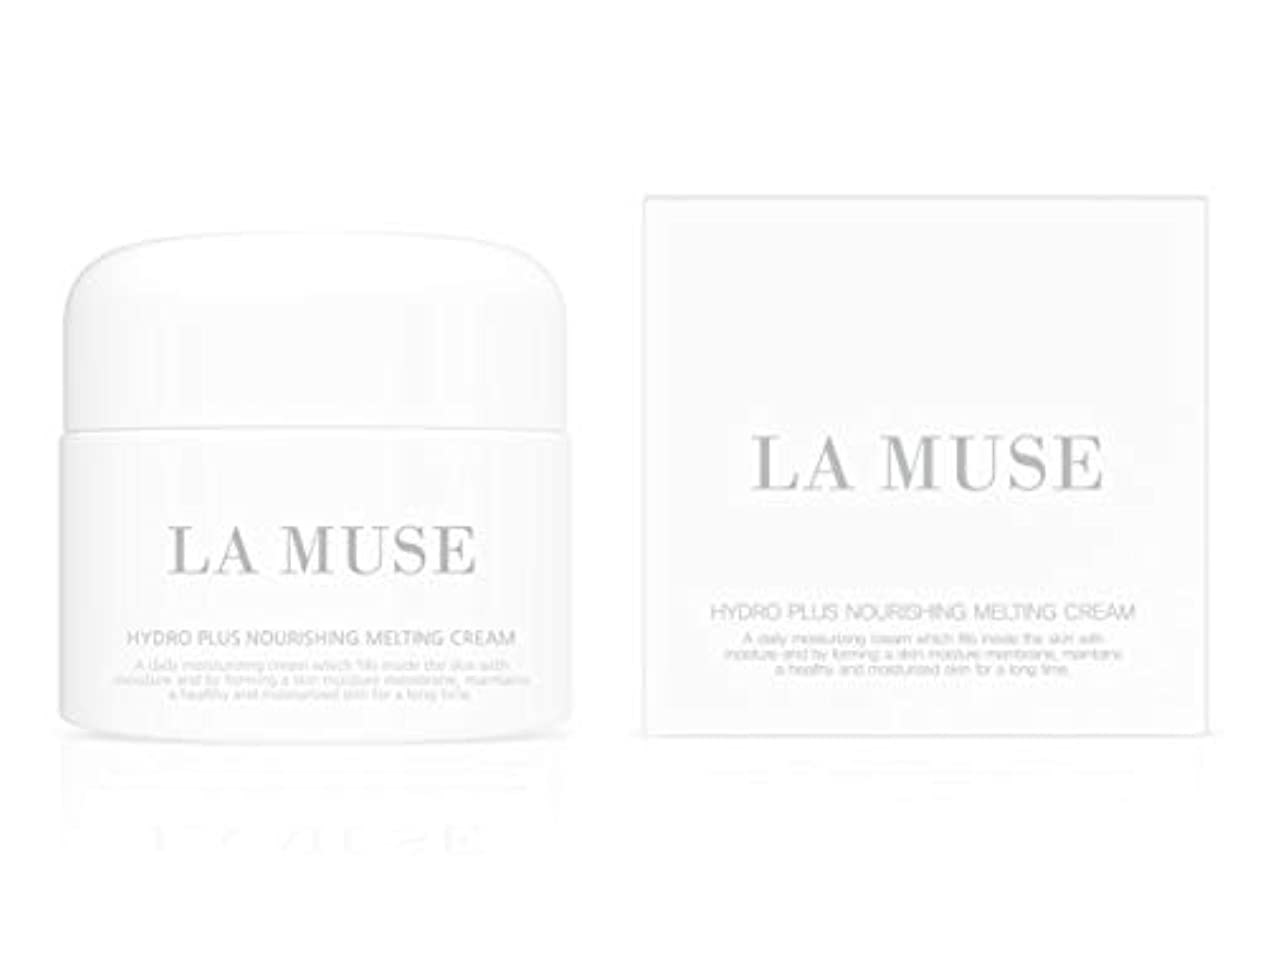 ビデオ優しさ後方[40%セール+ギフト付き] La Muse ラミューズ ハイドロ プラス ナリッシング メルティング クリーム 30ml / La Muse Hydro Plus Nourishing Melting Cream 30ml